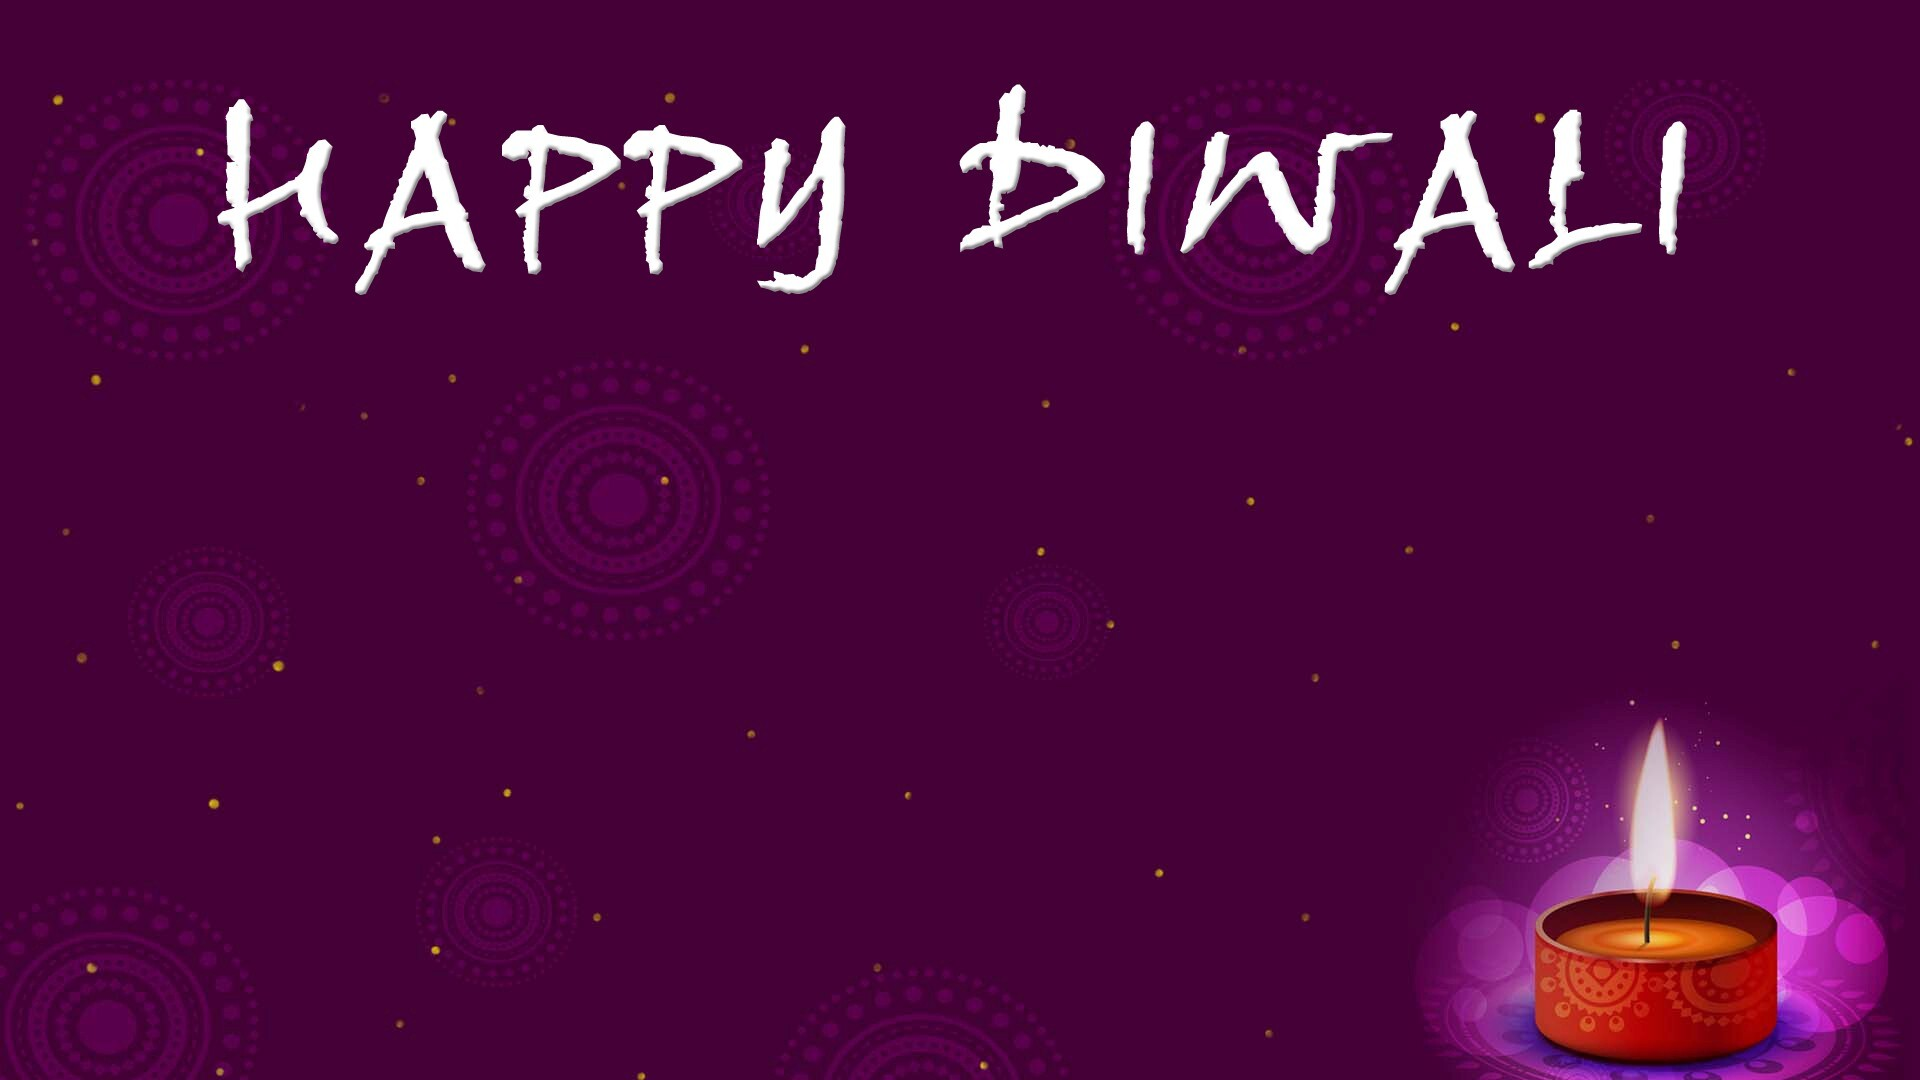 Happy Diwali Desktop Pc Laptop Hd Wallpapers Full Screen: Happy Diwali 2015 HD Desktop Background Wallpapers For